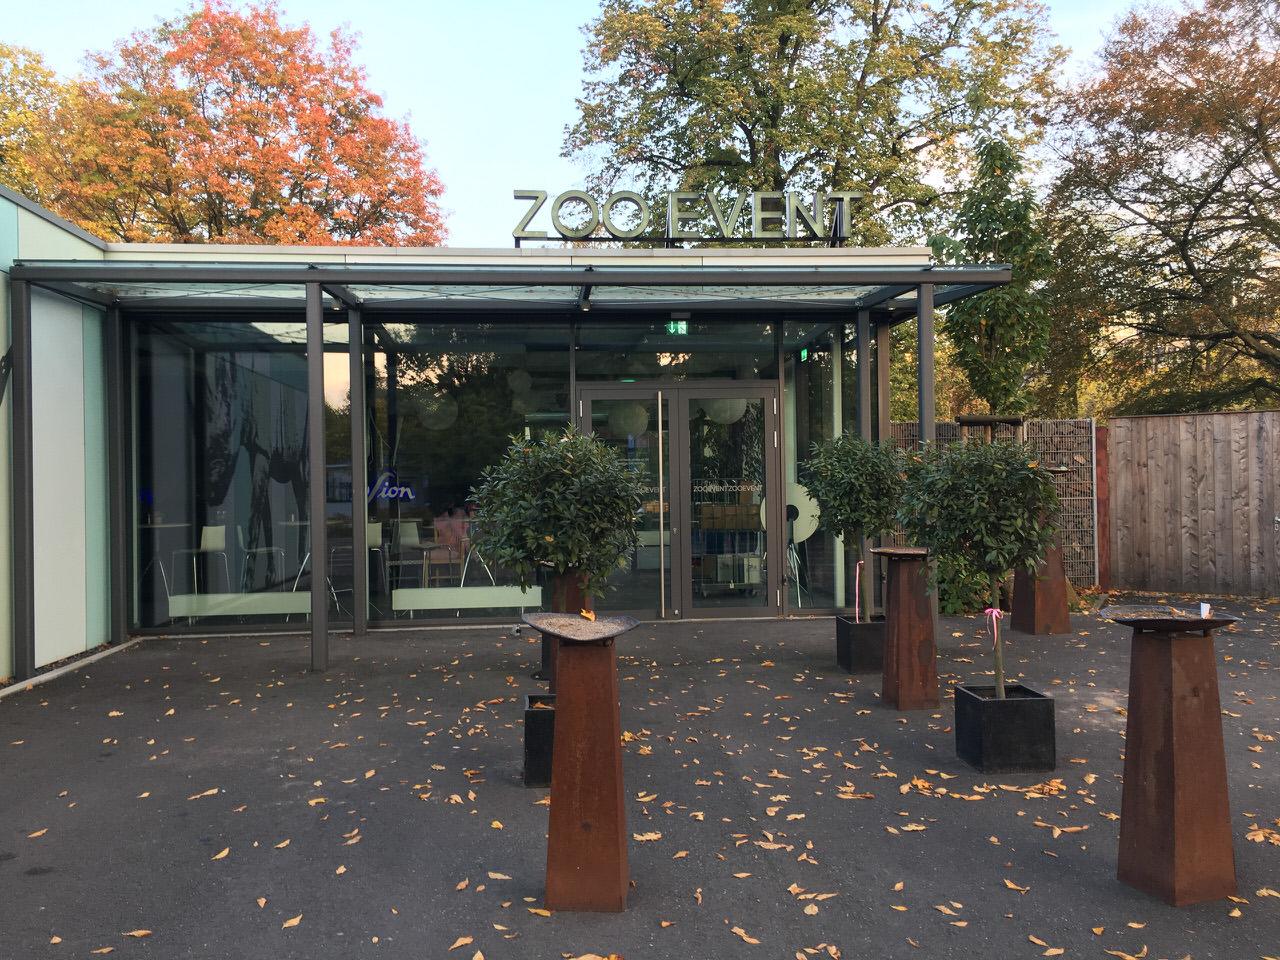 Der Eingang zum Zoo Event Köln im Herbst. Foto: Andreas Paul // Paul van Groove